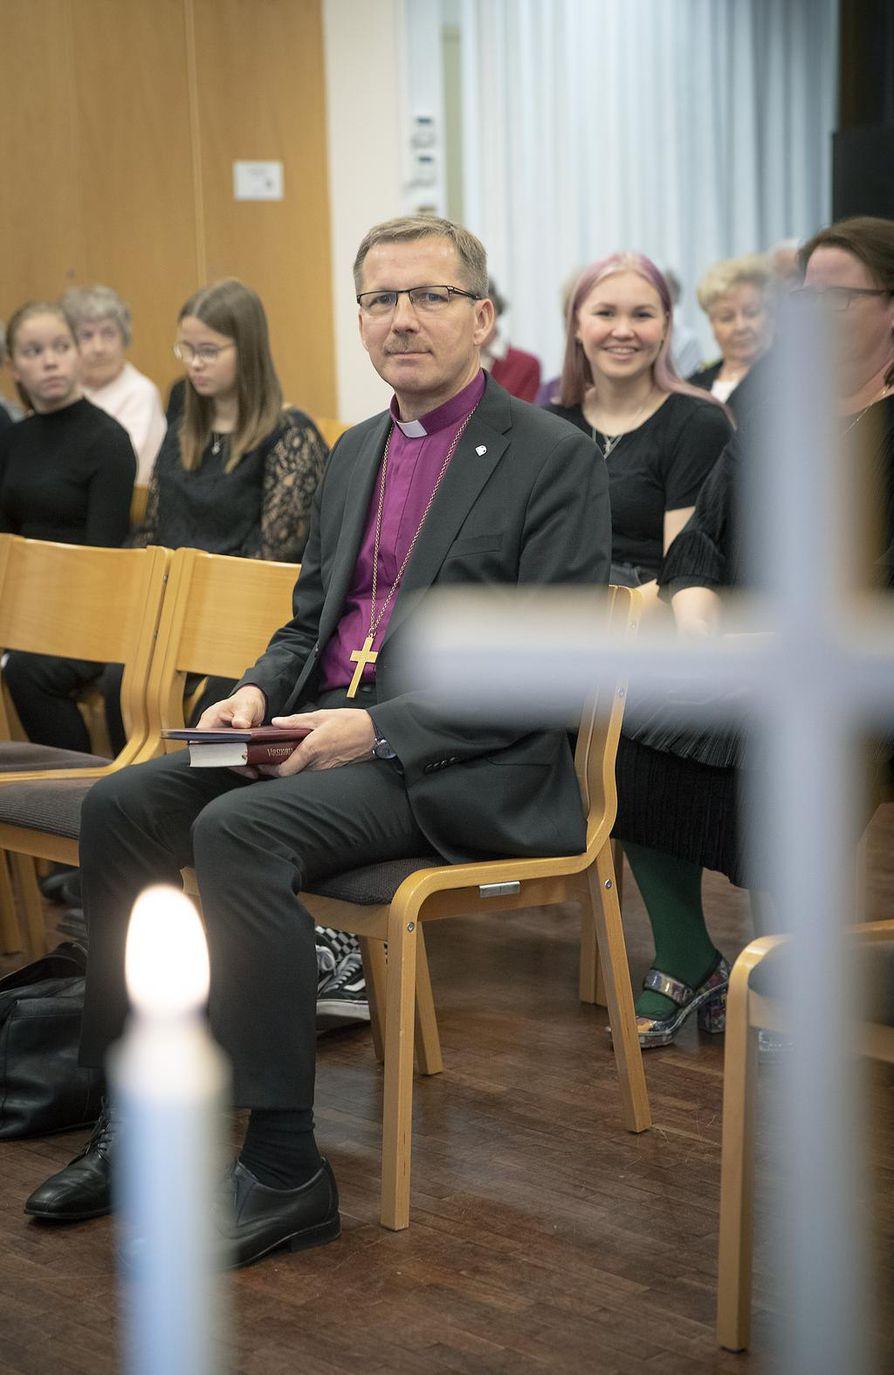 Oulun hiippakunnan piispa Jukka Keskitalo vieraili piispantarkastuksen ensimmäisenä päivänä muun muassa Caritas-kodissa.